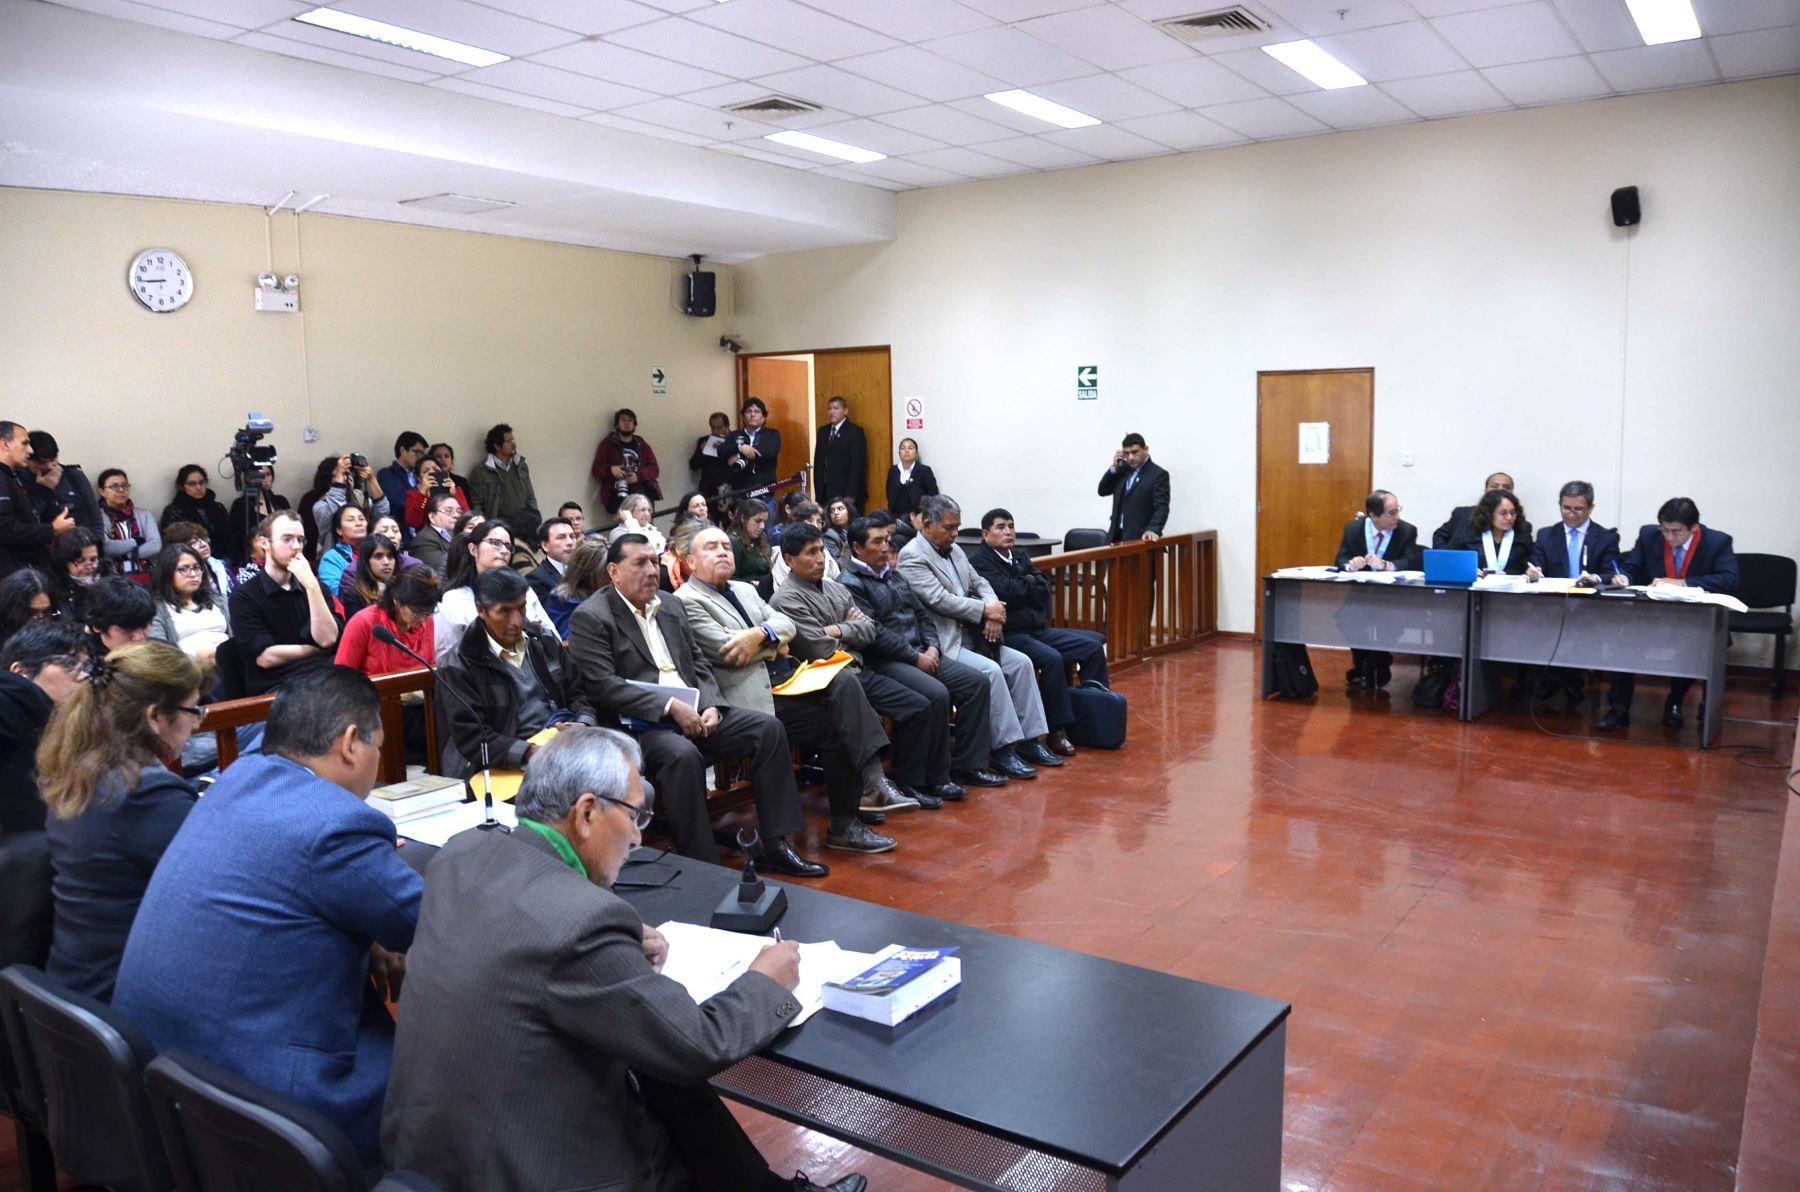 Audiencias de juicio oral en caso Manta y Vilca serán públicas (Andina)